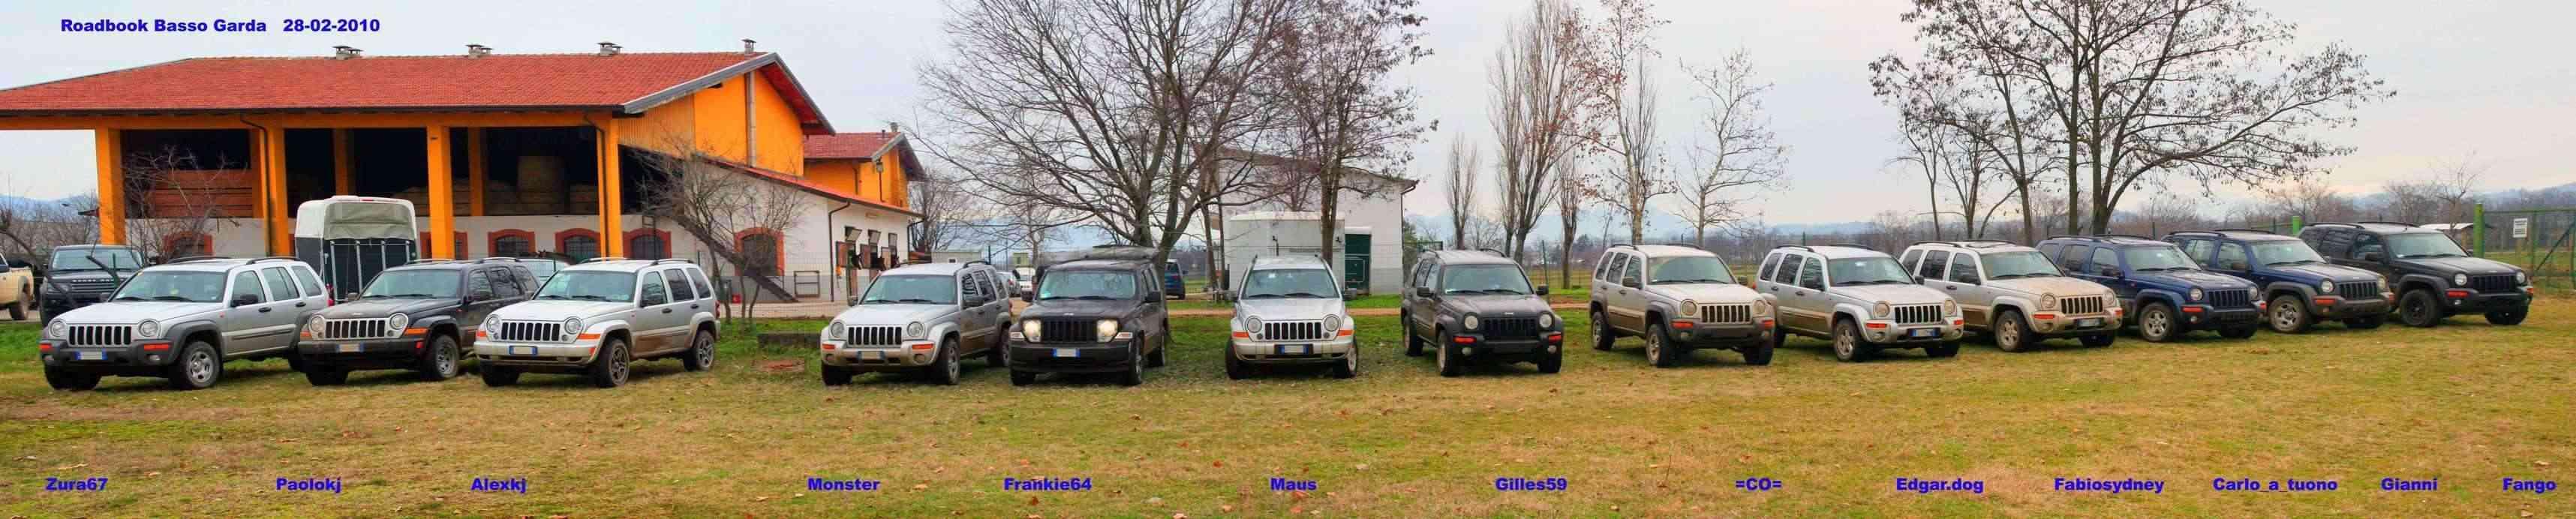 ROAD BOOK BASSO GARDA 28.02.2010 Gruppo12